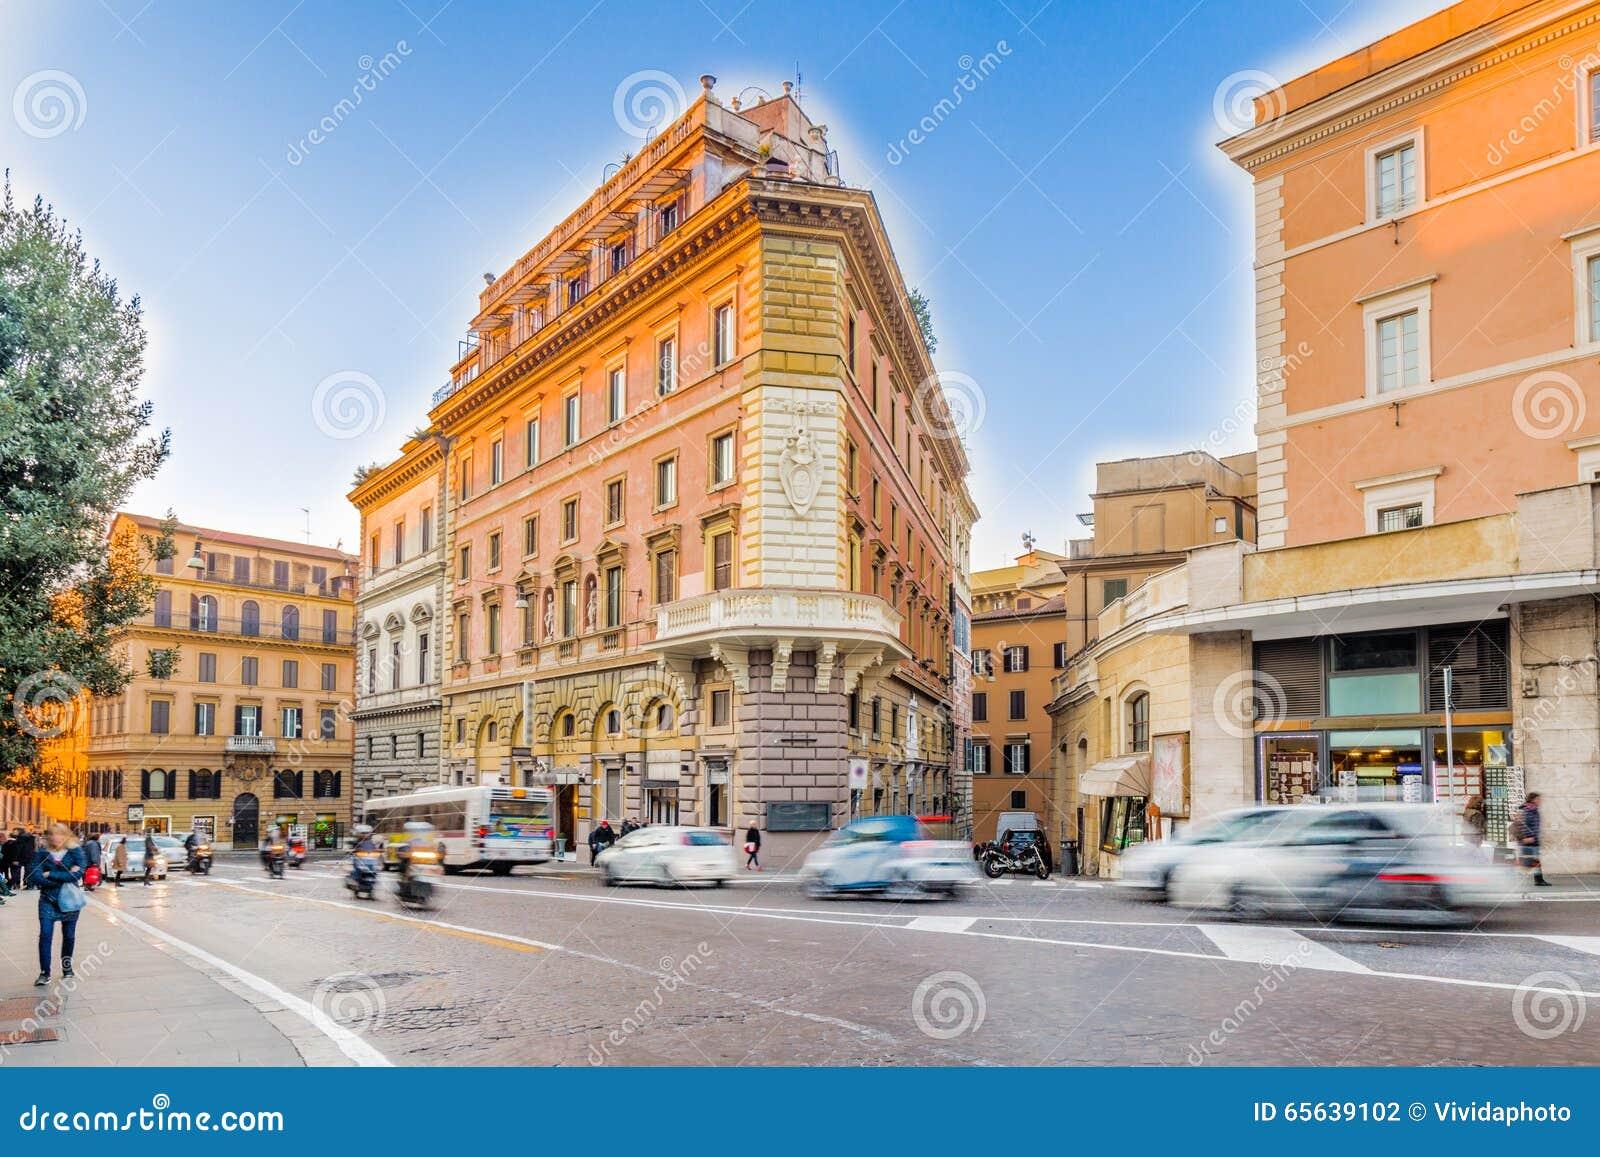 Oude gebouwen langs de straten van Rome